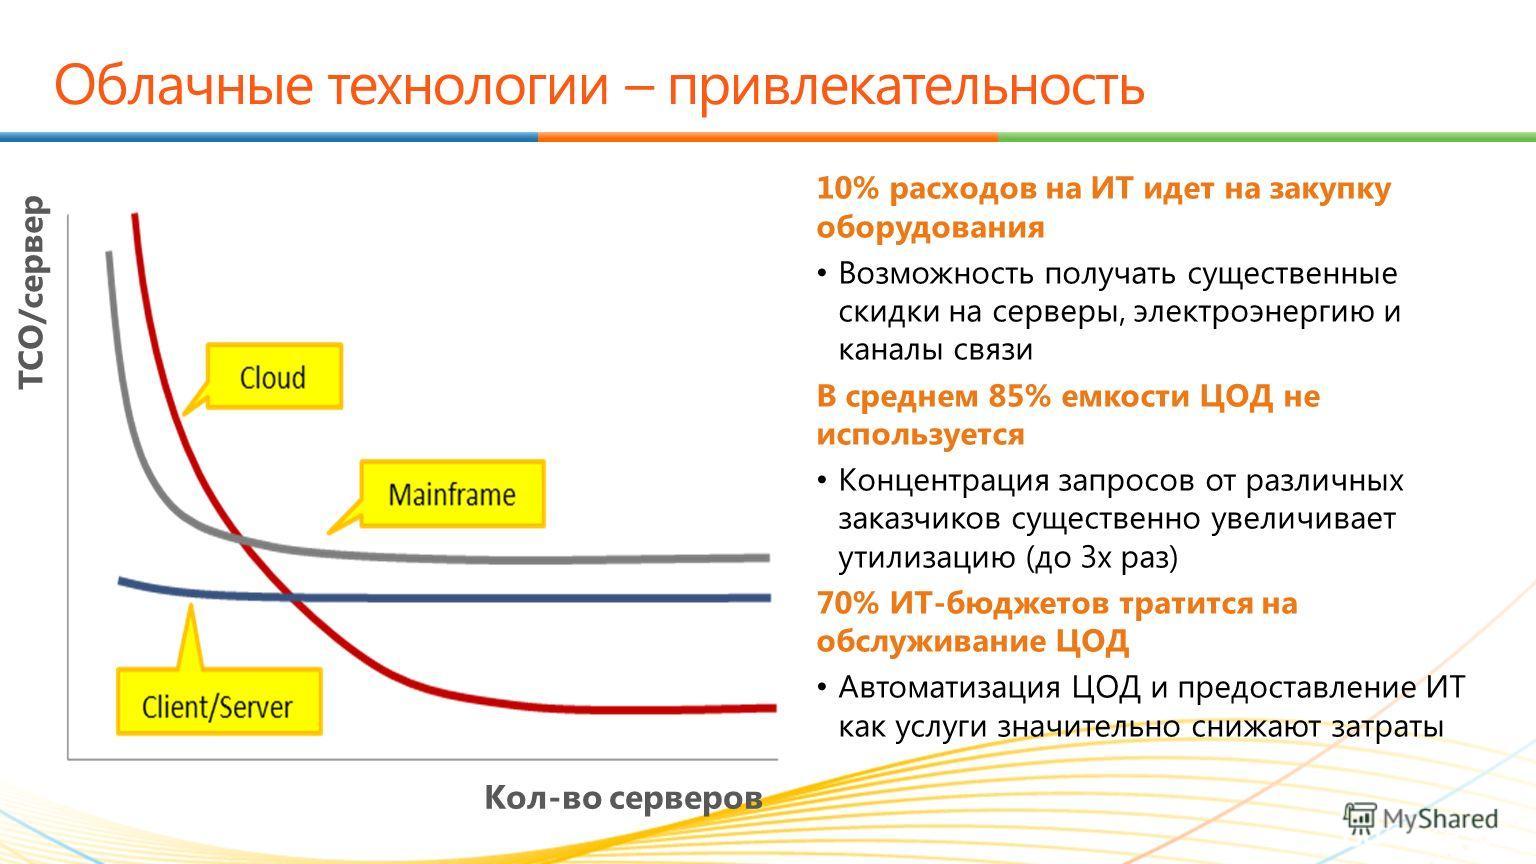 TCO/ сервер Кол-во серверов 10% расходов на ИТ идет на закупку оборудования Возможность получать существенные скидки на серверы, электроэнергию и каналы связи В среднем 85% емкости ЦОД не используется Концентрация запросов от различных заказчиков сущ